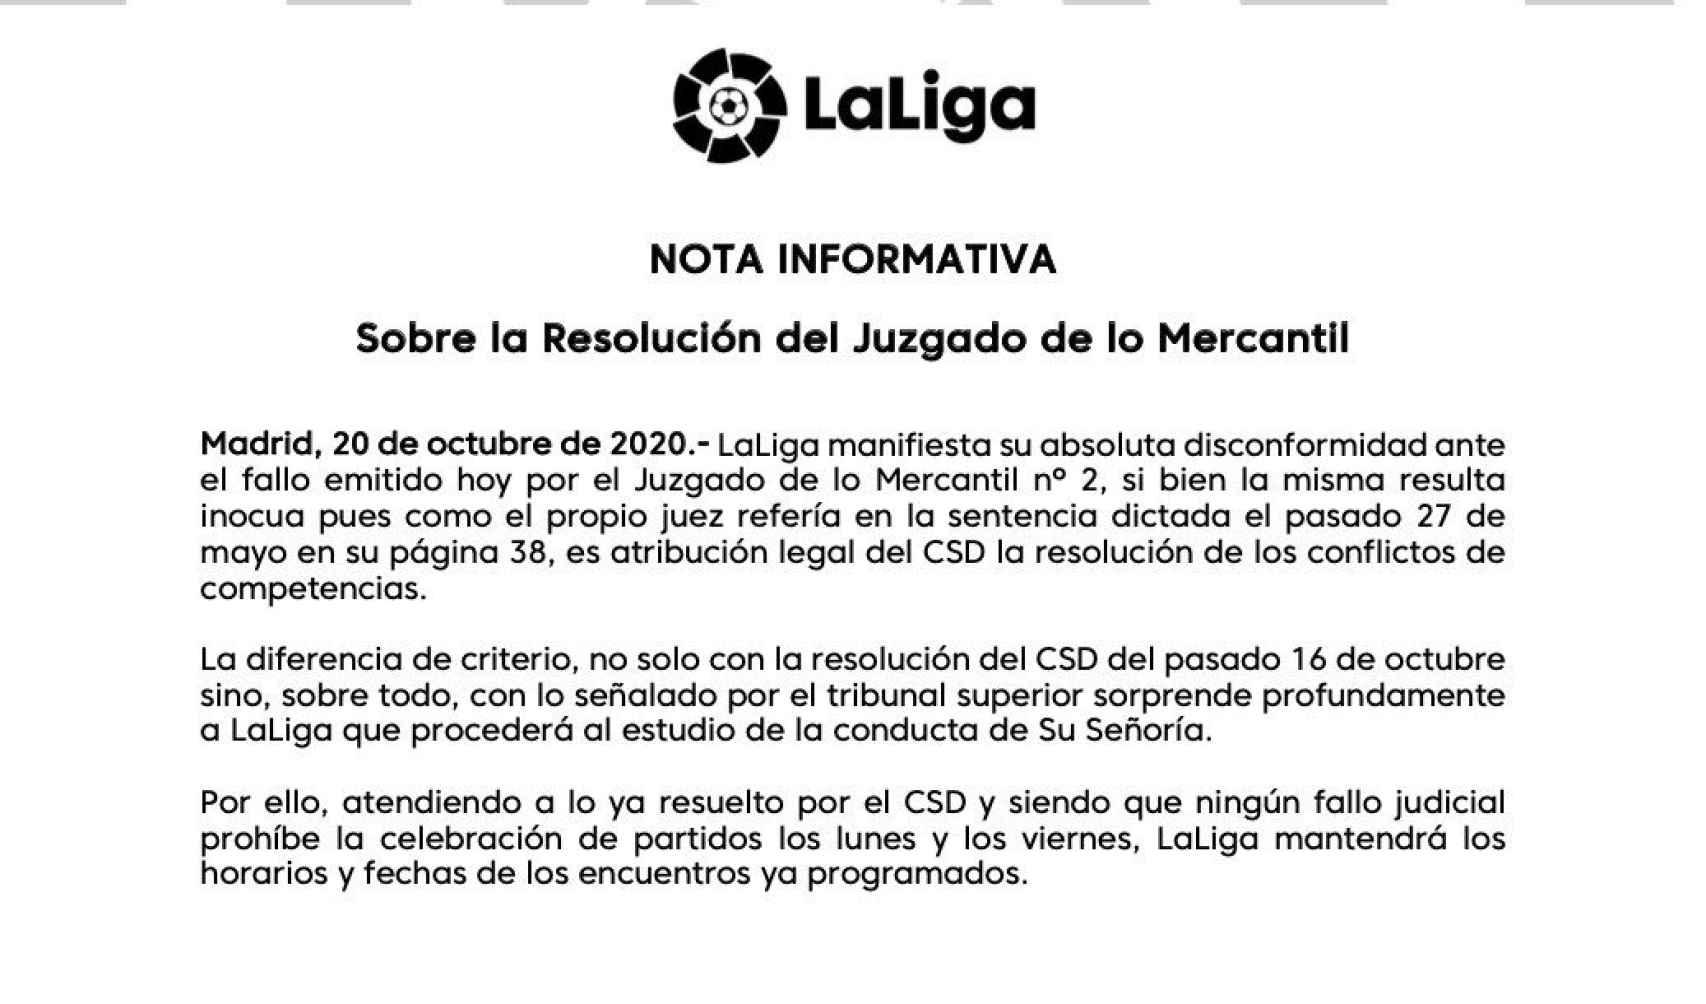 La nota de LaLiga por la que informa de que no se modifican los horarios de lunes y viernes